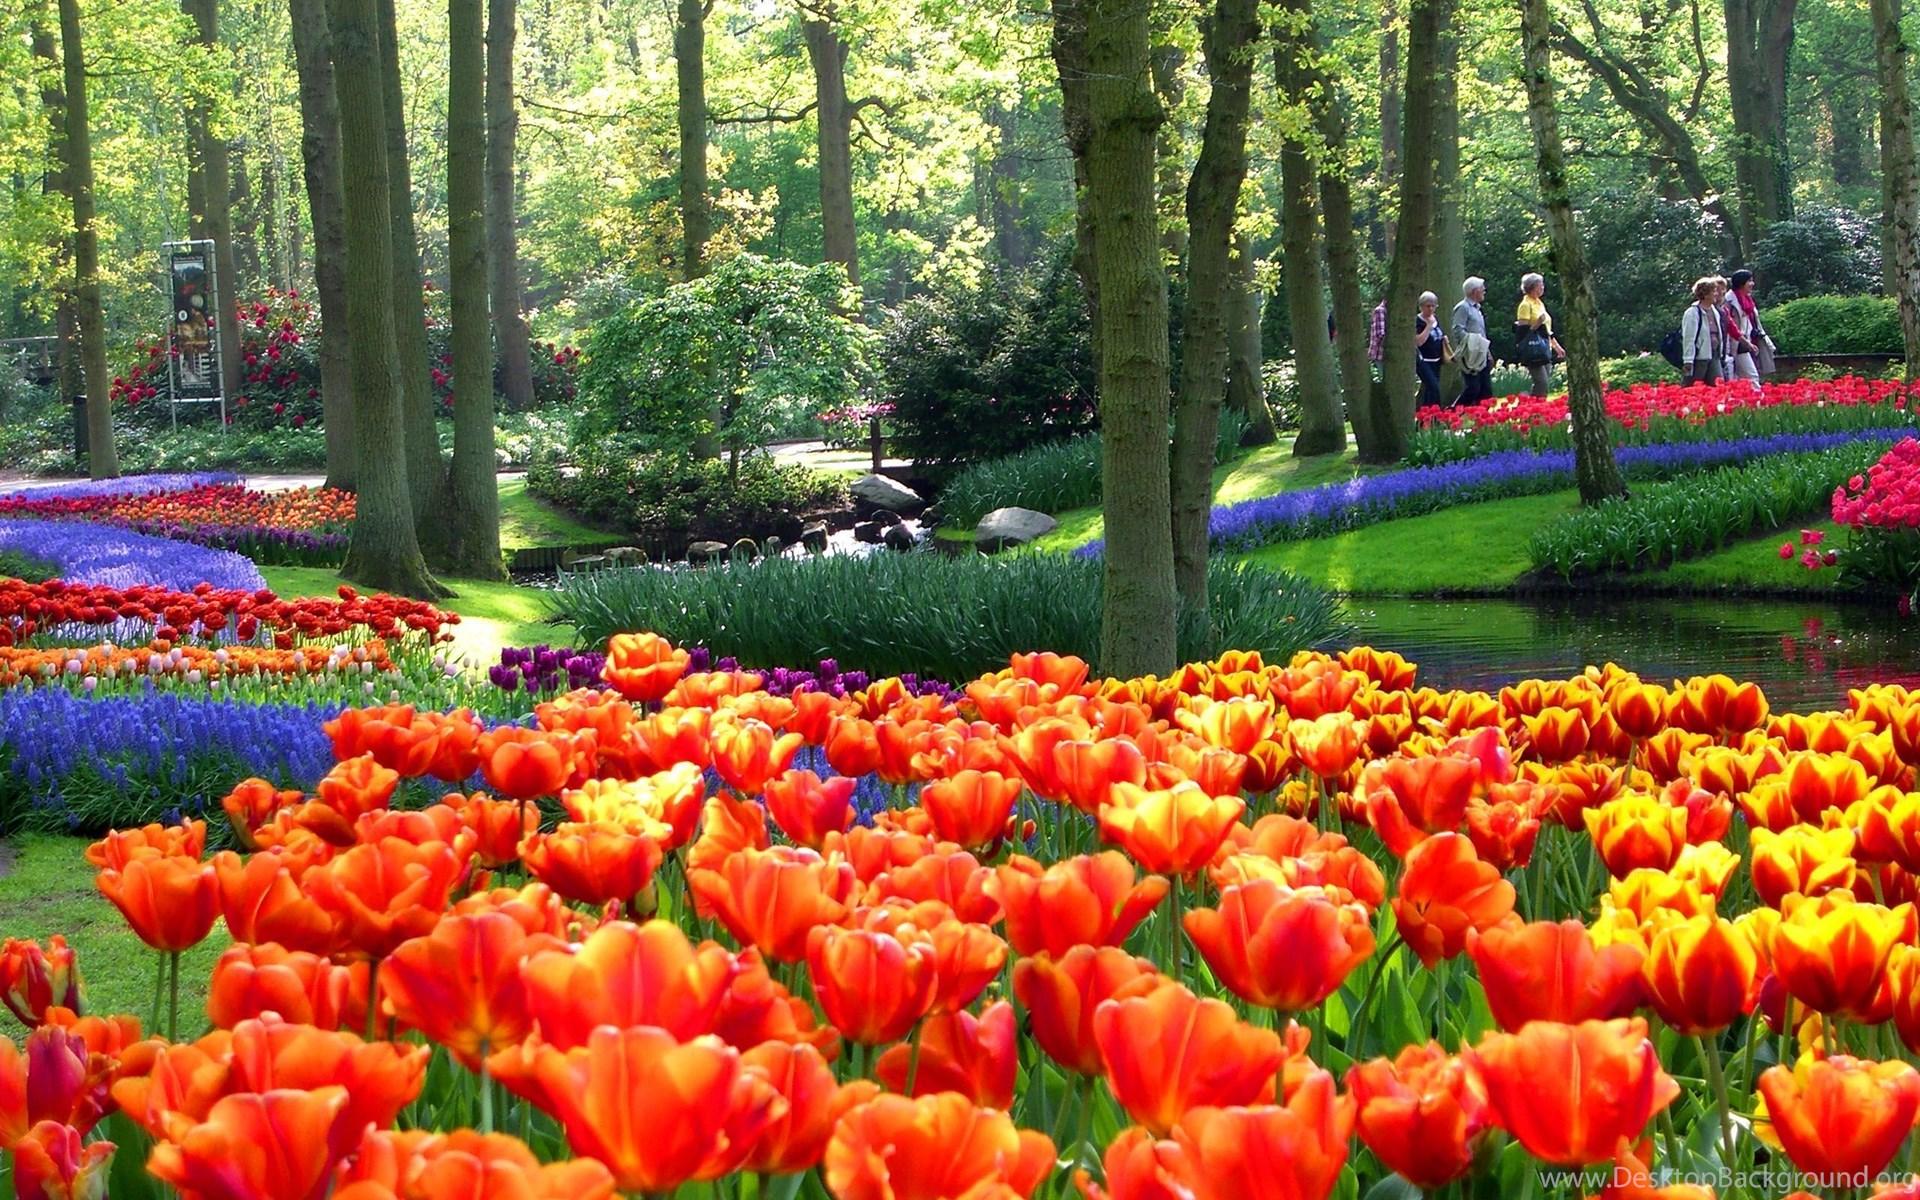 Khu vườn hoa Tulip đẹp nhất